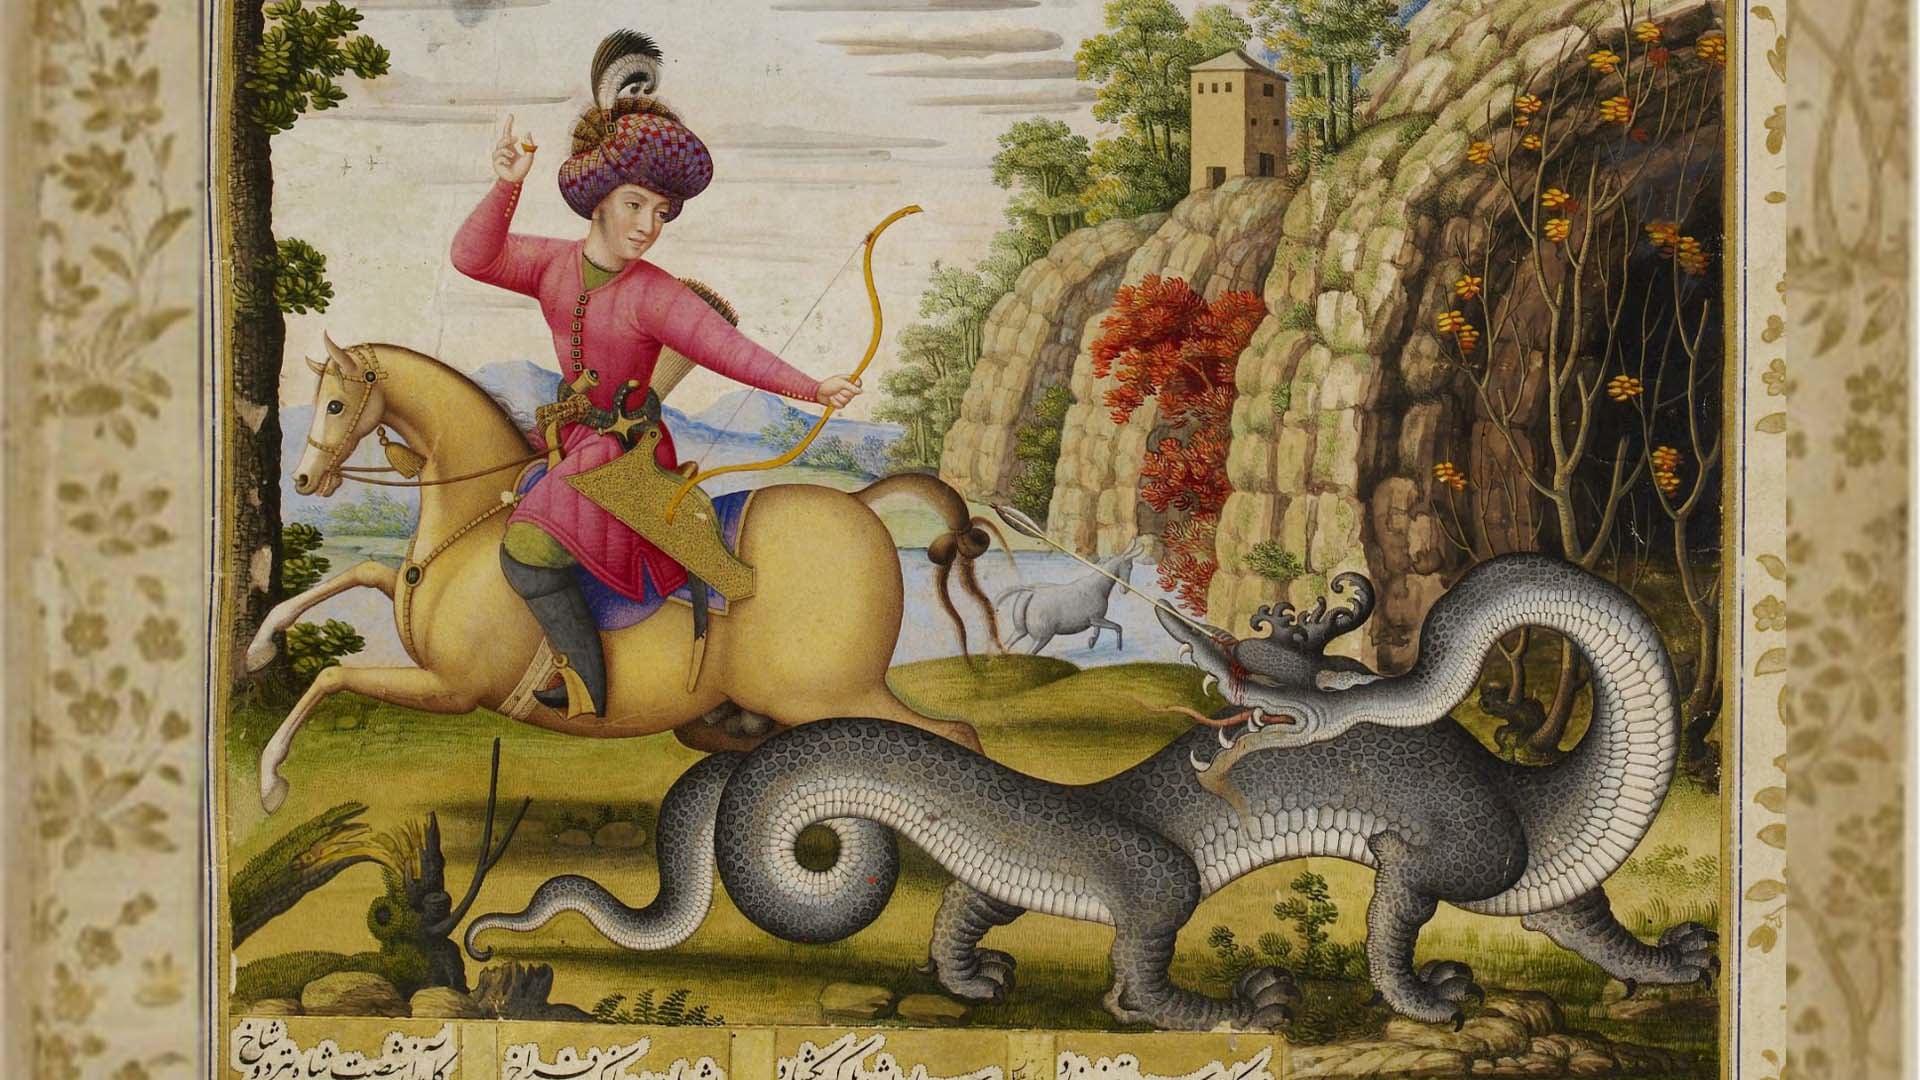 ۸. کشته شدن اژدها به دست بهرام گور اثر محمد زمان